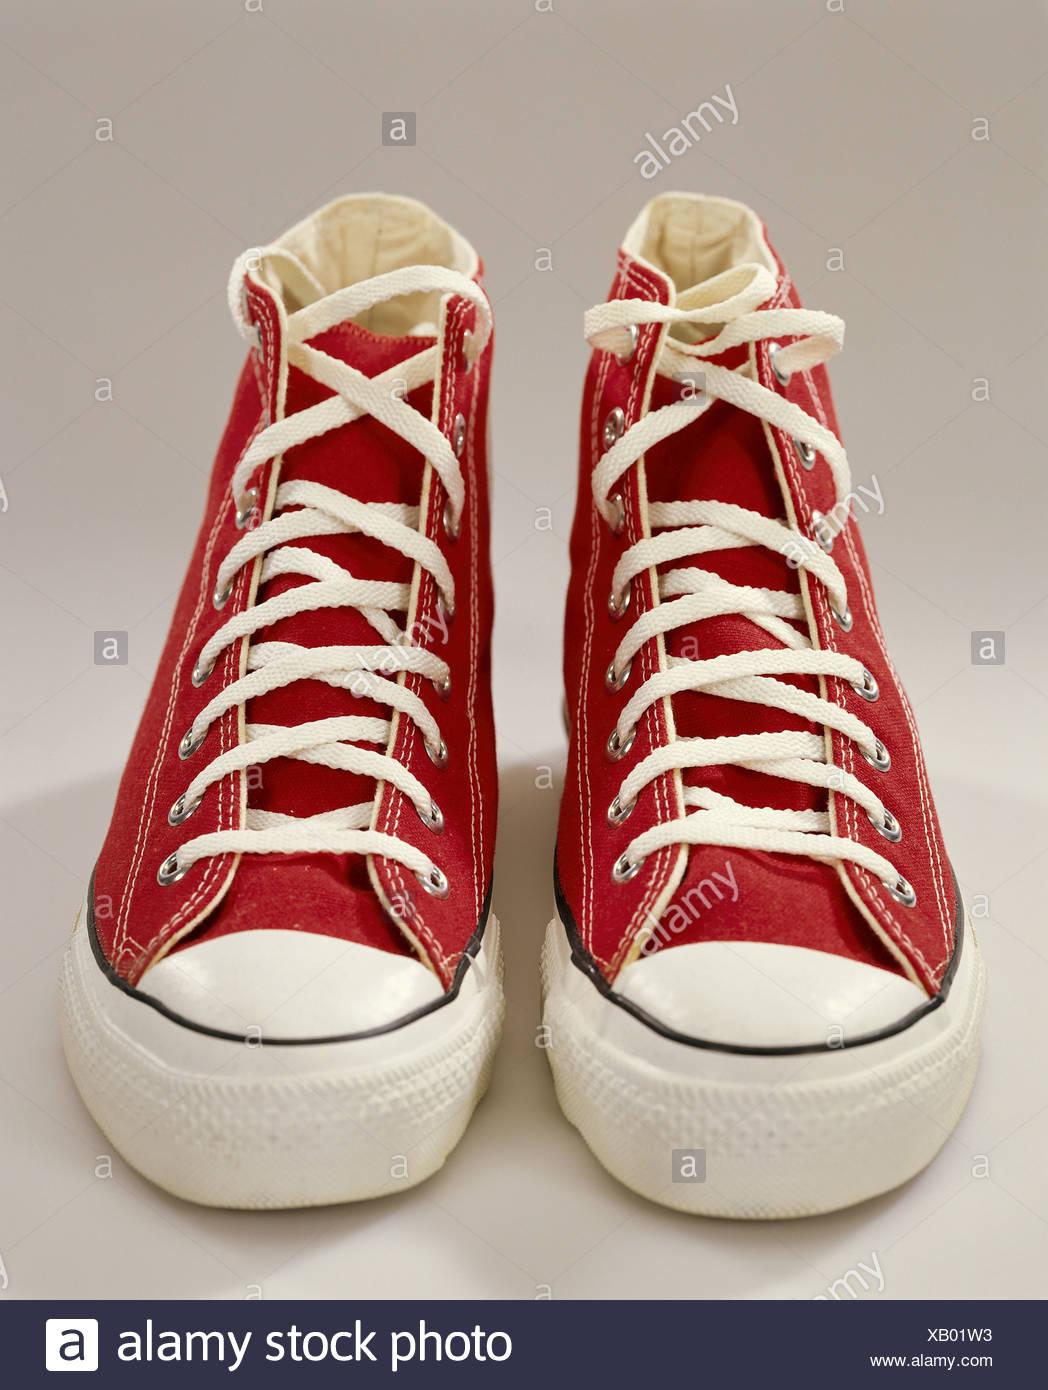 67d4f5de6 Sneakers rojo zapatos calzado athletically sneakers gimnasio zapatos  Zapatos lino Moderno studio Converse allstar sneakers lino